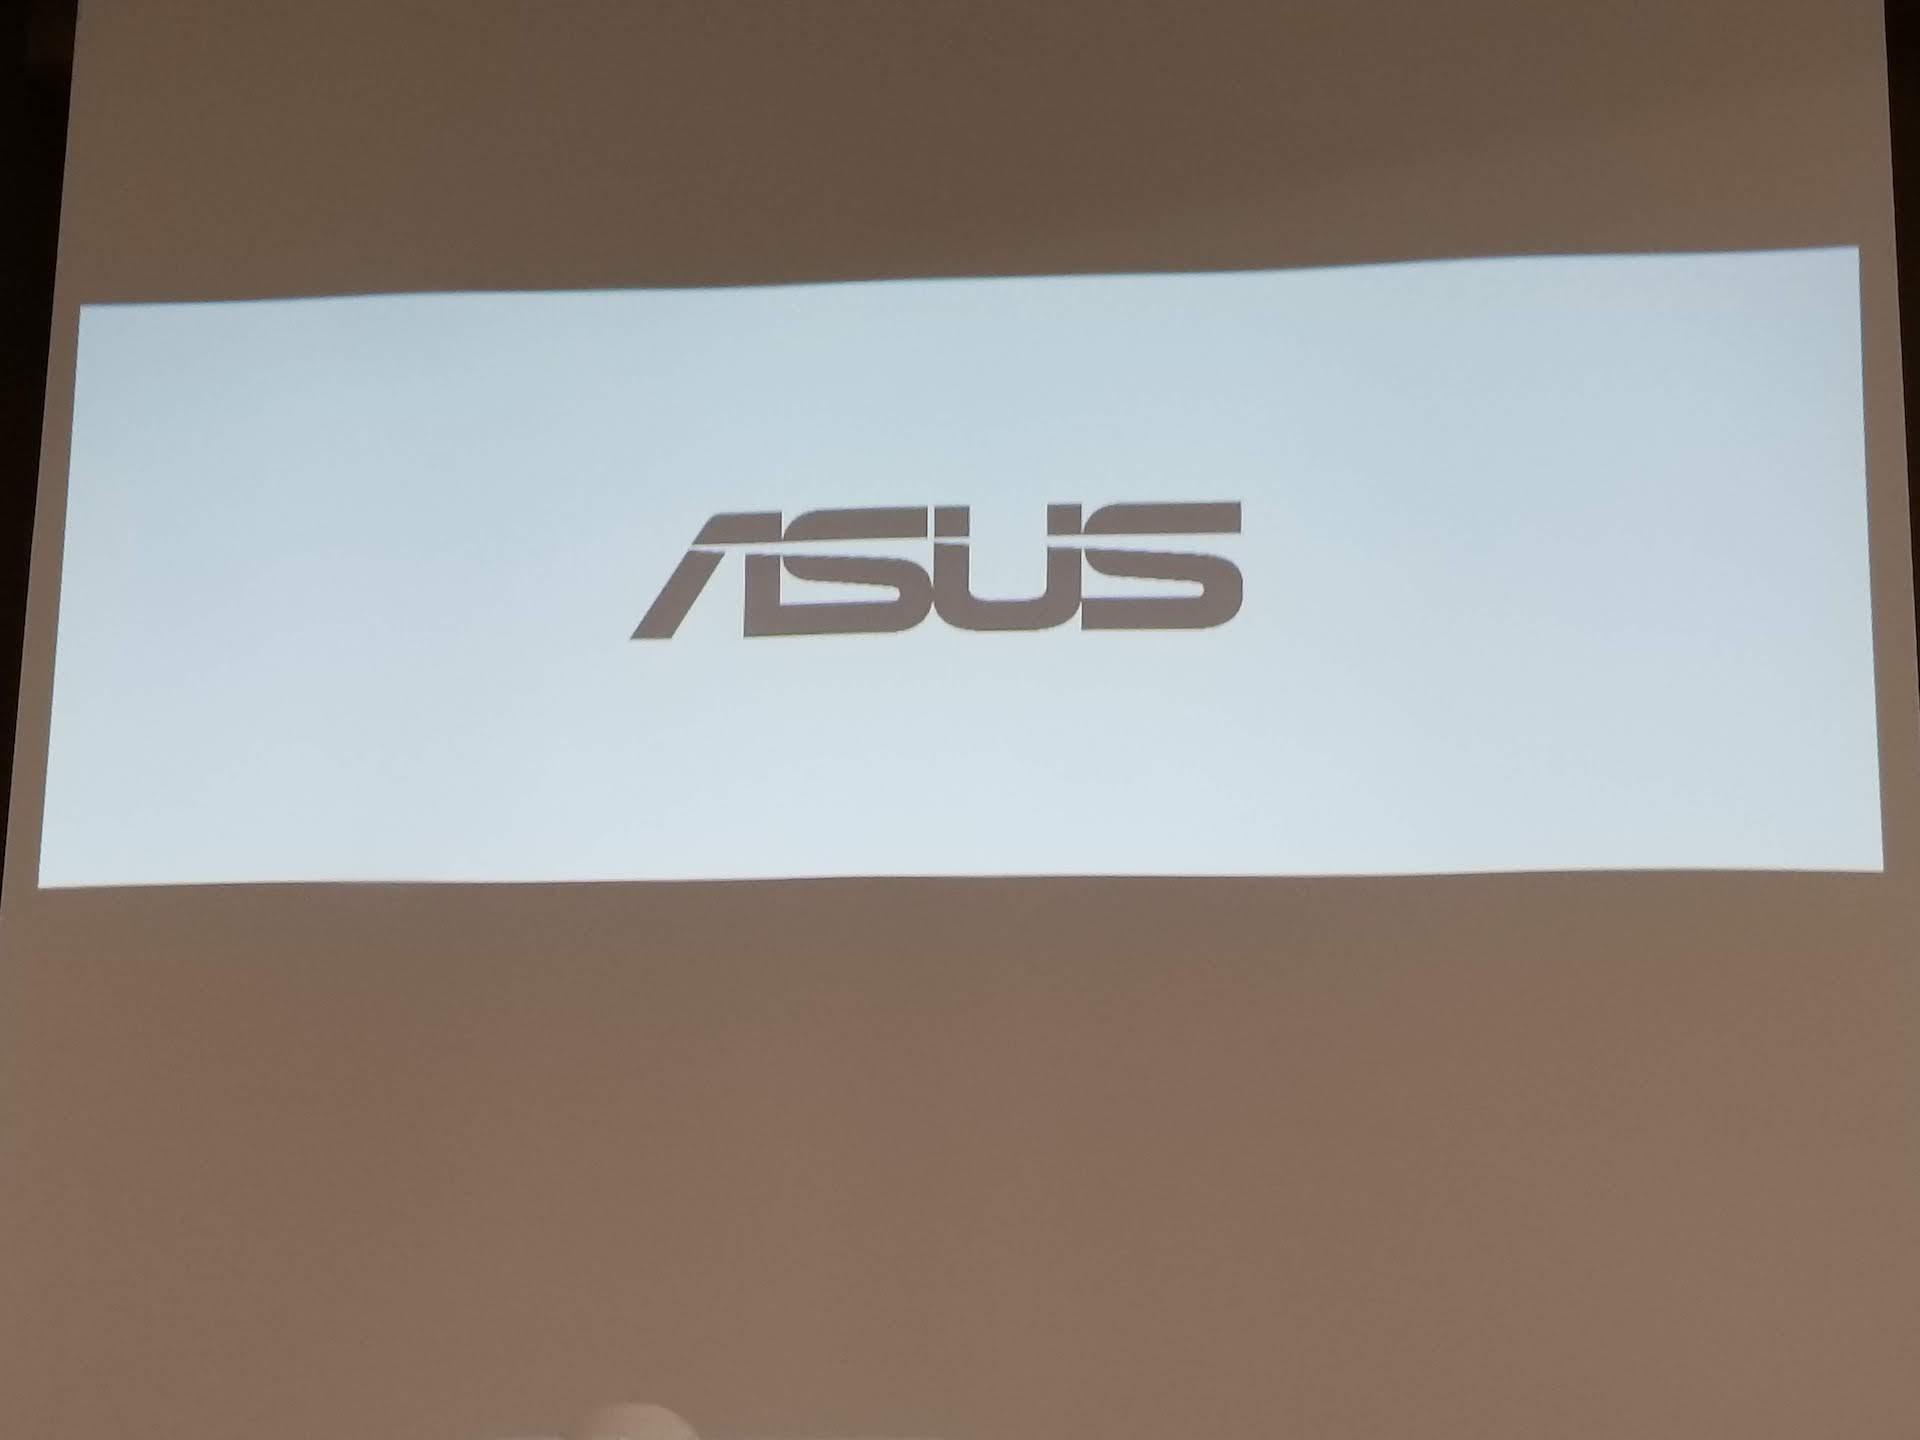 ASUSのタッチアンドトライイベント「A部ツアー2019」sponsored by ひかりTVショッピングのセッションを紹介【レポート】